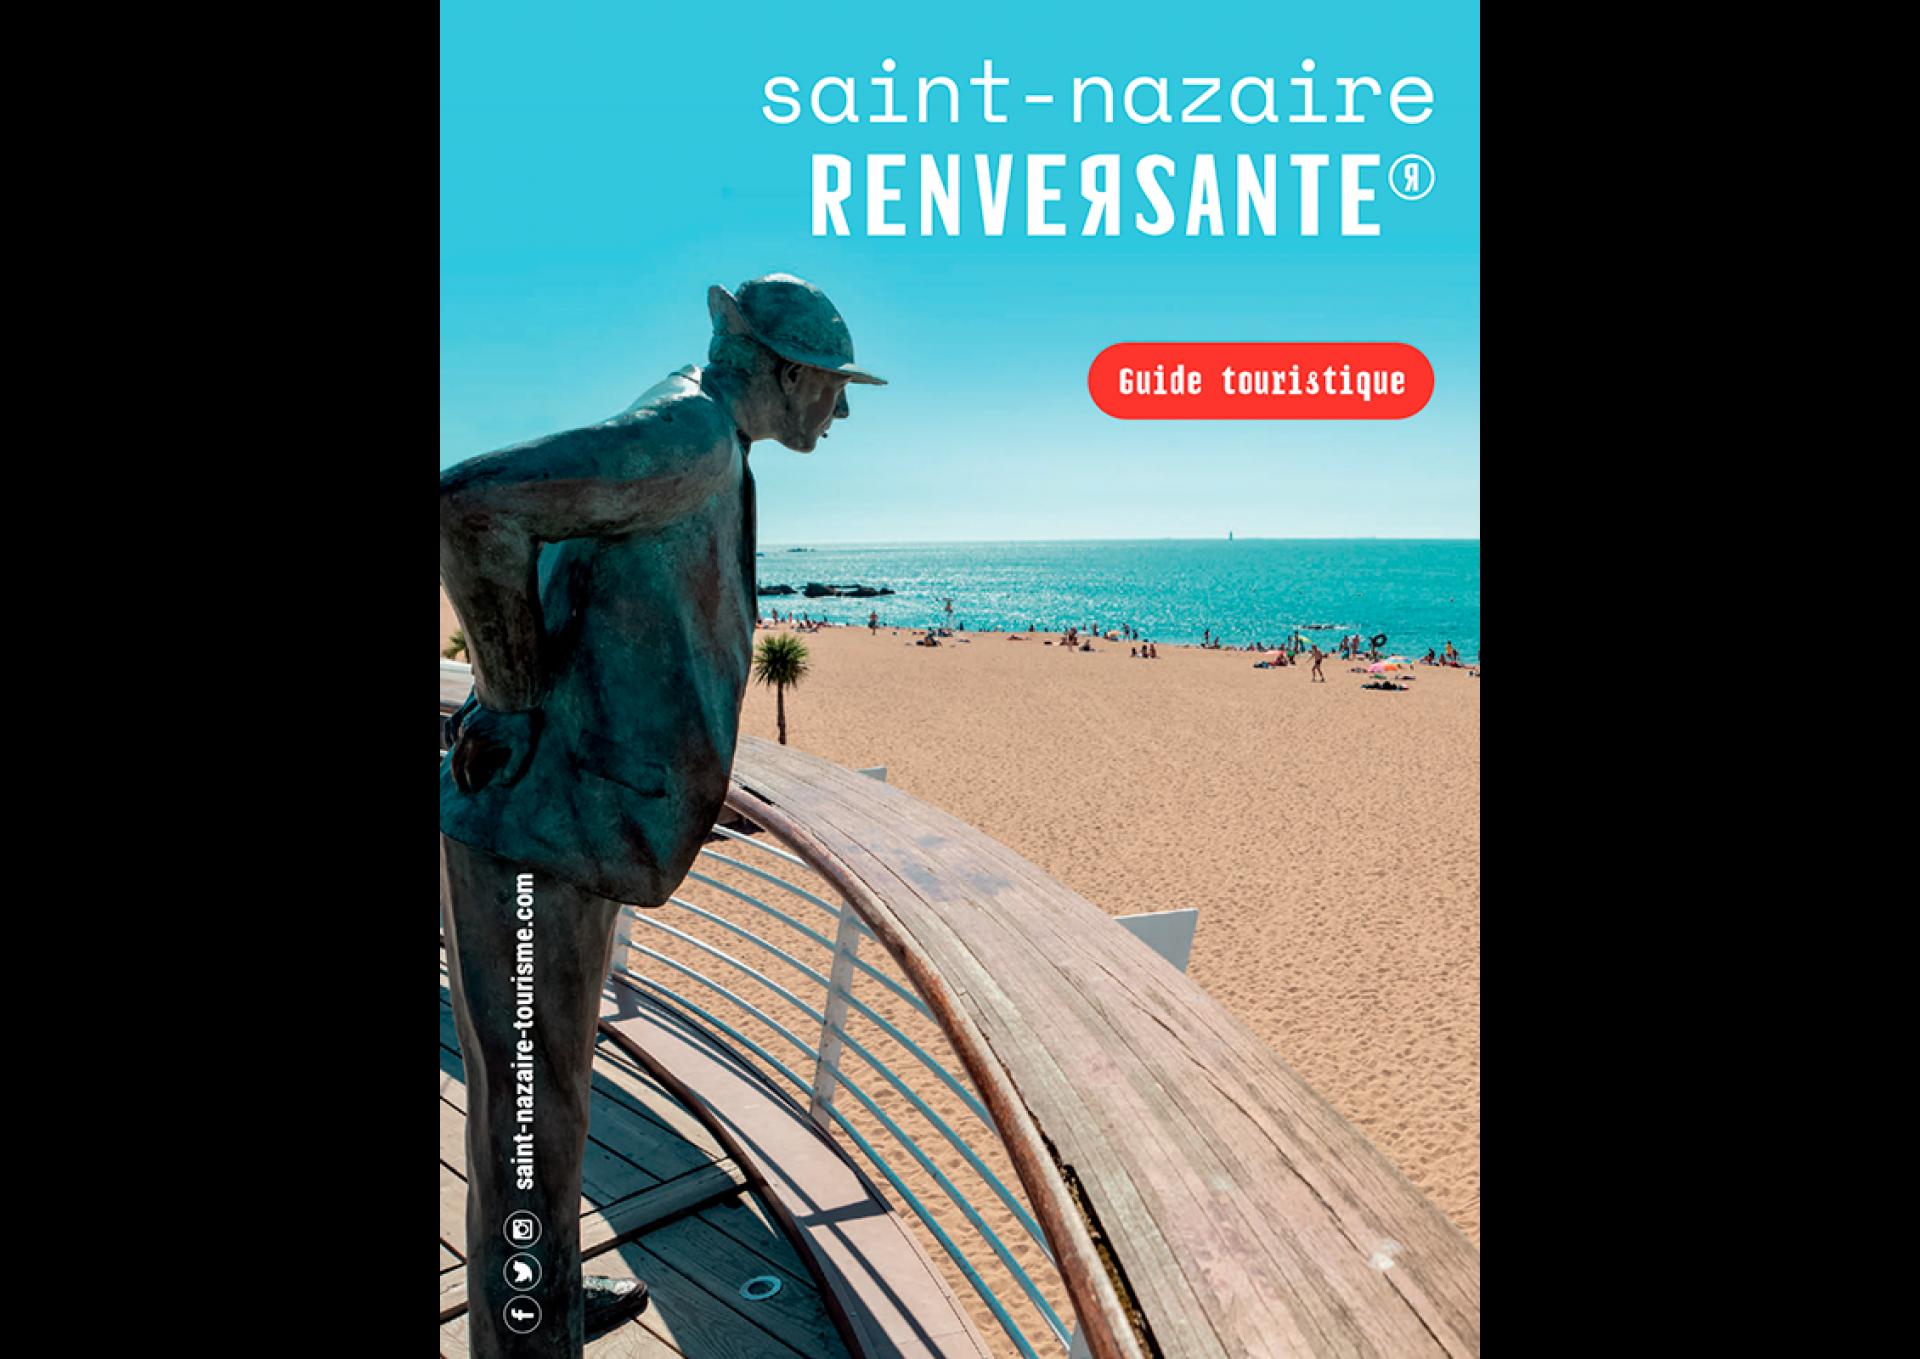 Couverture Guide Destination Saint Nazaire Renversante 2020